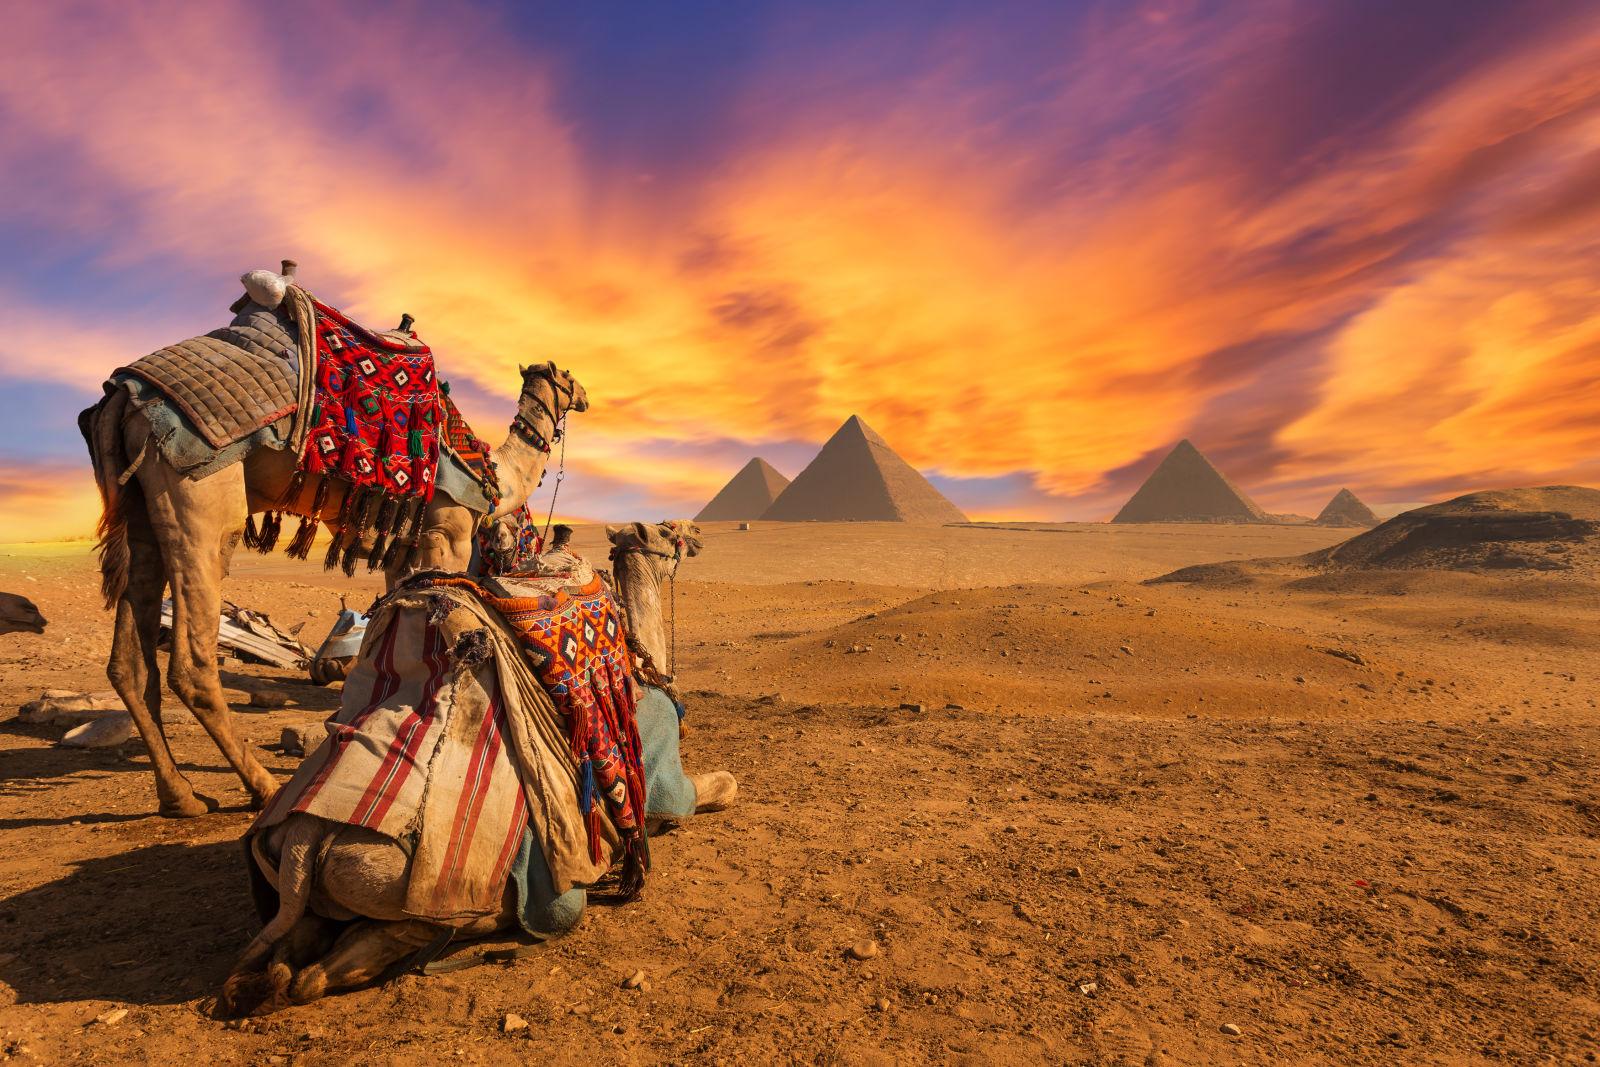 Zwei Kamele in der Wüste schauen auf die Pyramiden, Cairo, Ägypten